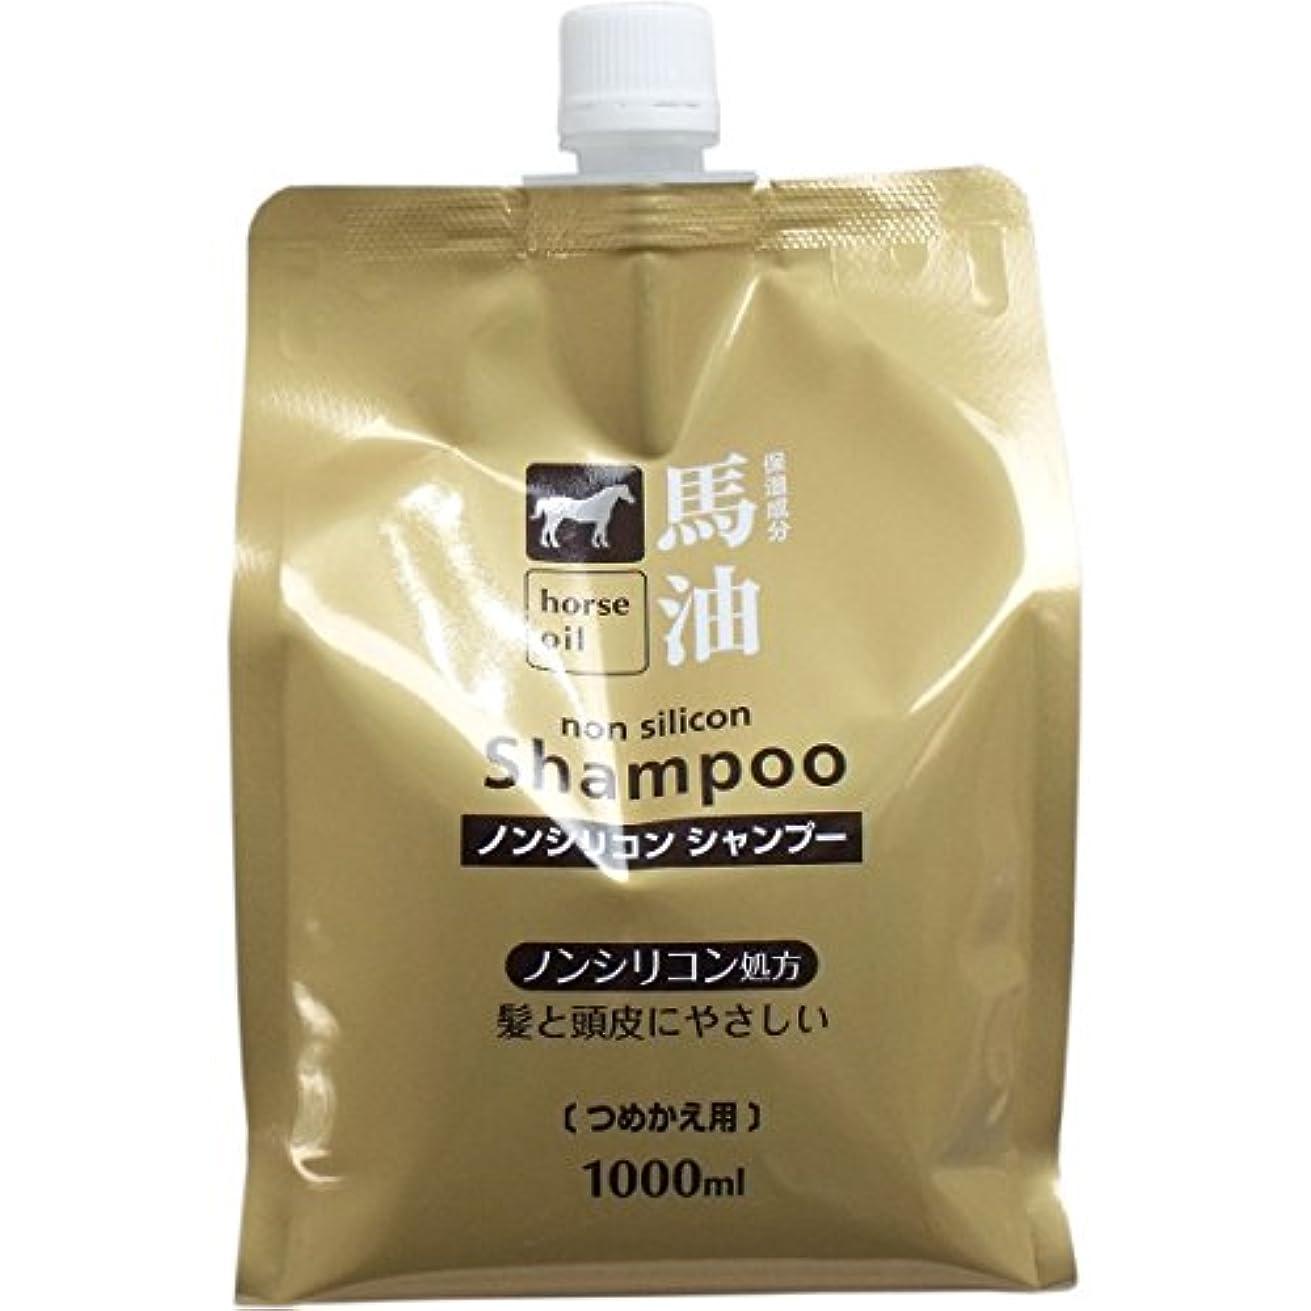 パネルハリケーン大腿熊野油脂 馬油シャンプー 詰め替え用 1000ml × 3個